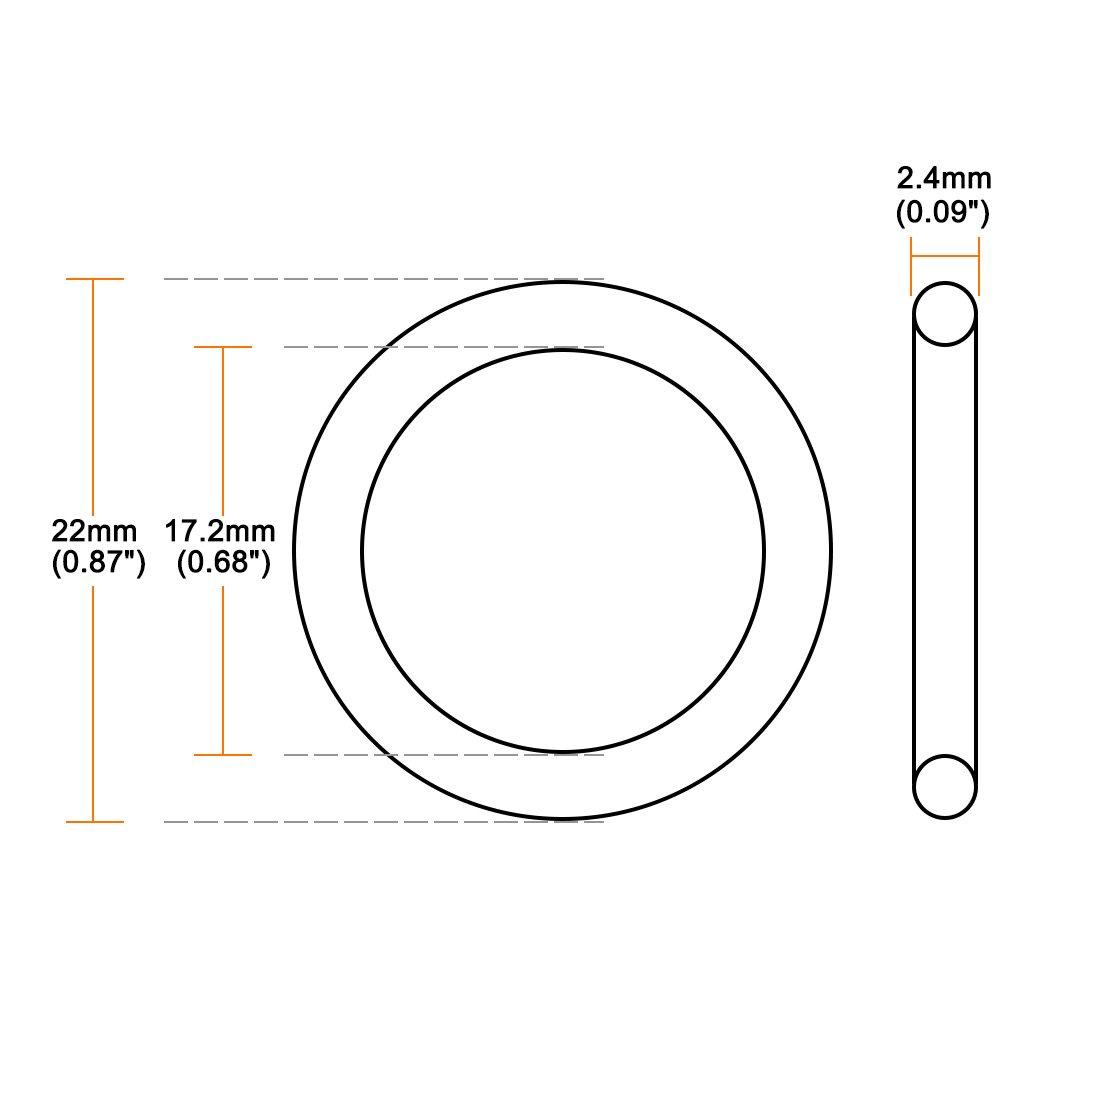 junta de sellado de anillos rojos Sourcingmap junta t/órica de silicona a18032900ux0280 8 mm-32 mm de di/ámetro exterior